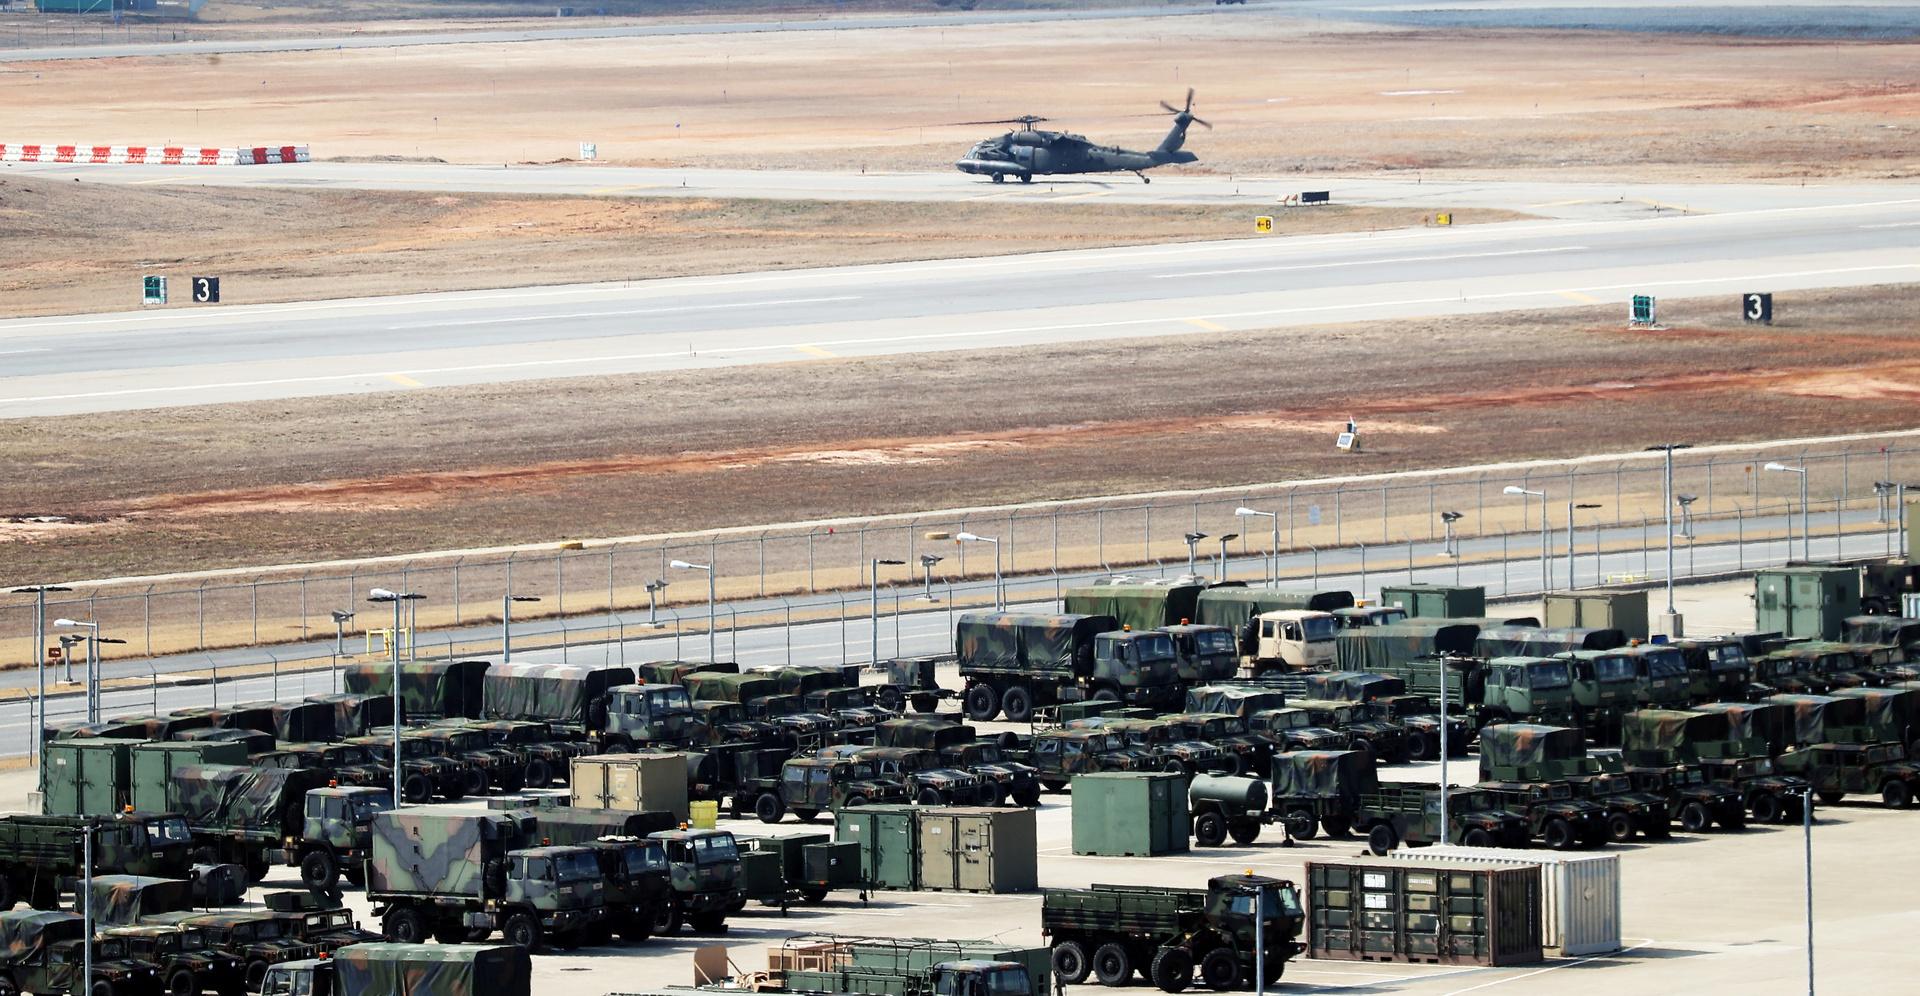 قواعد الولايات المتحدة العسكرية في الخارج: نقاط الضعف